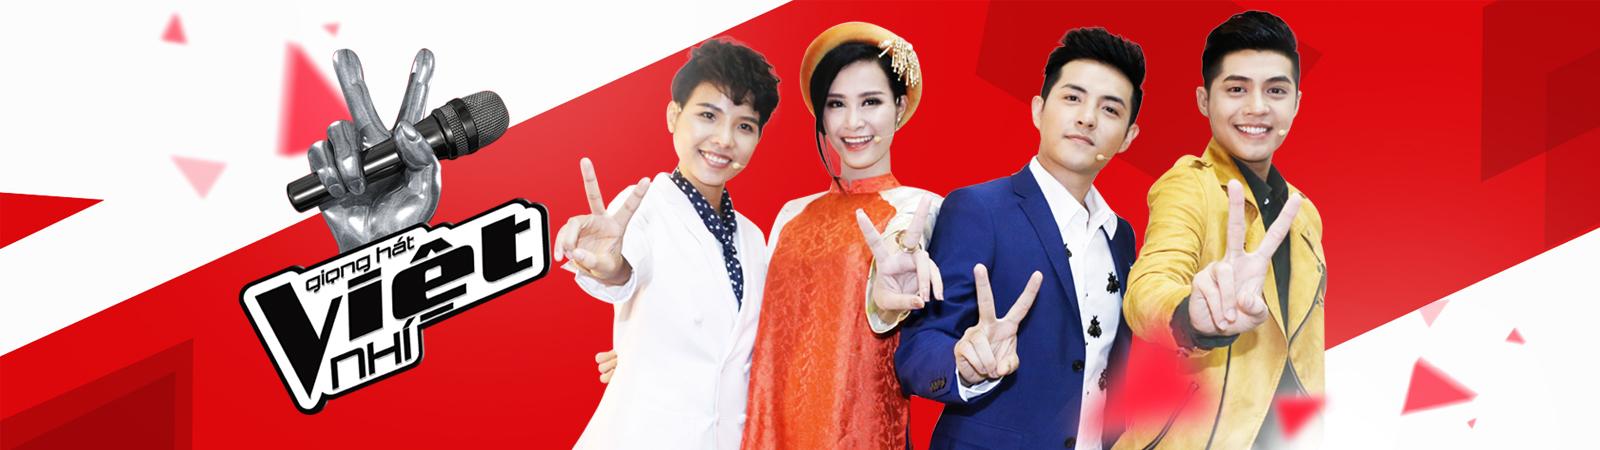 Tập 13 - Giọng Hát Việt Nhí 2016